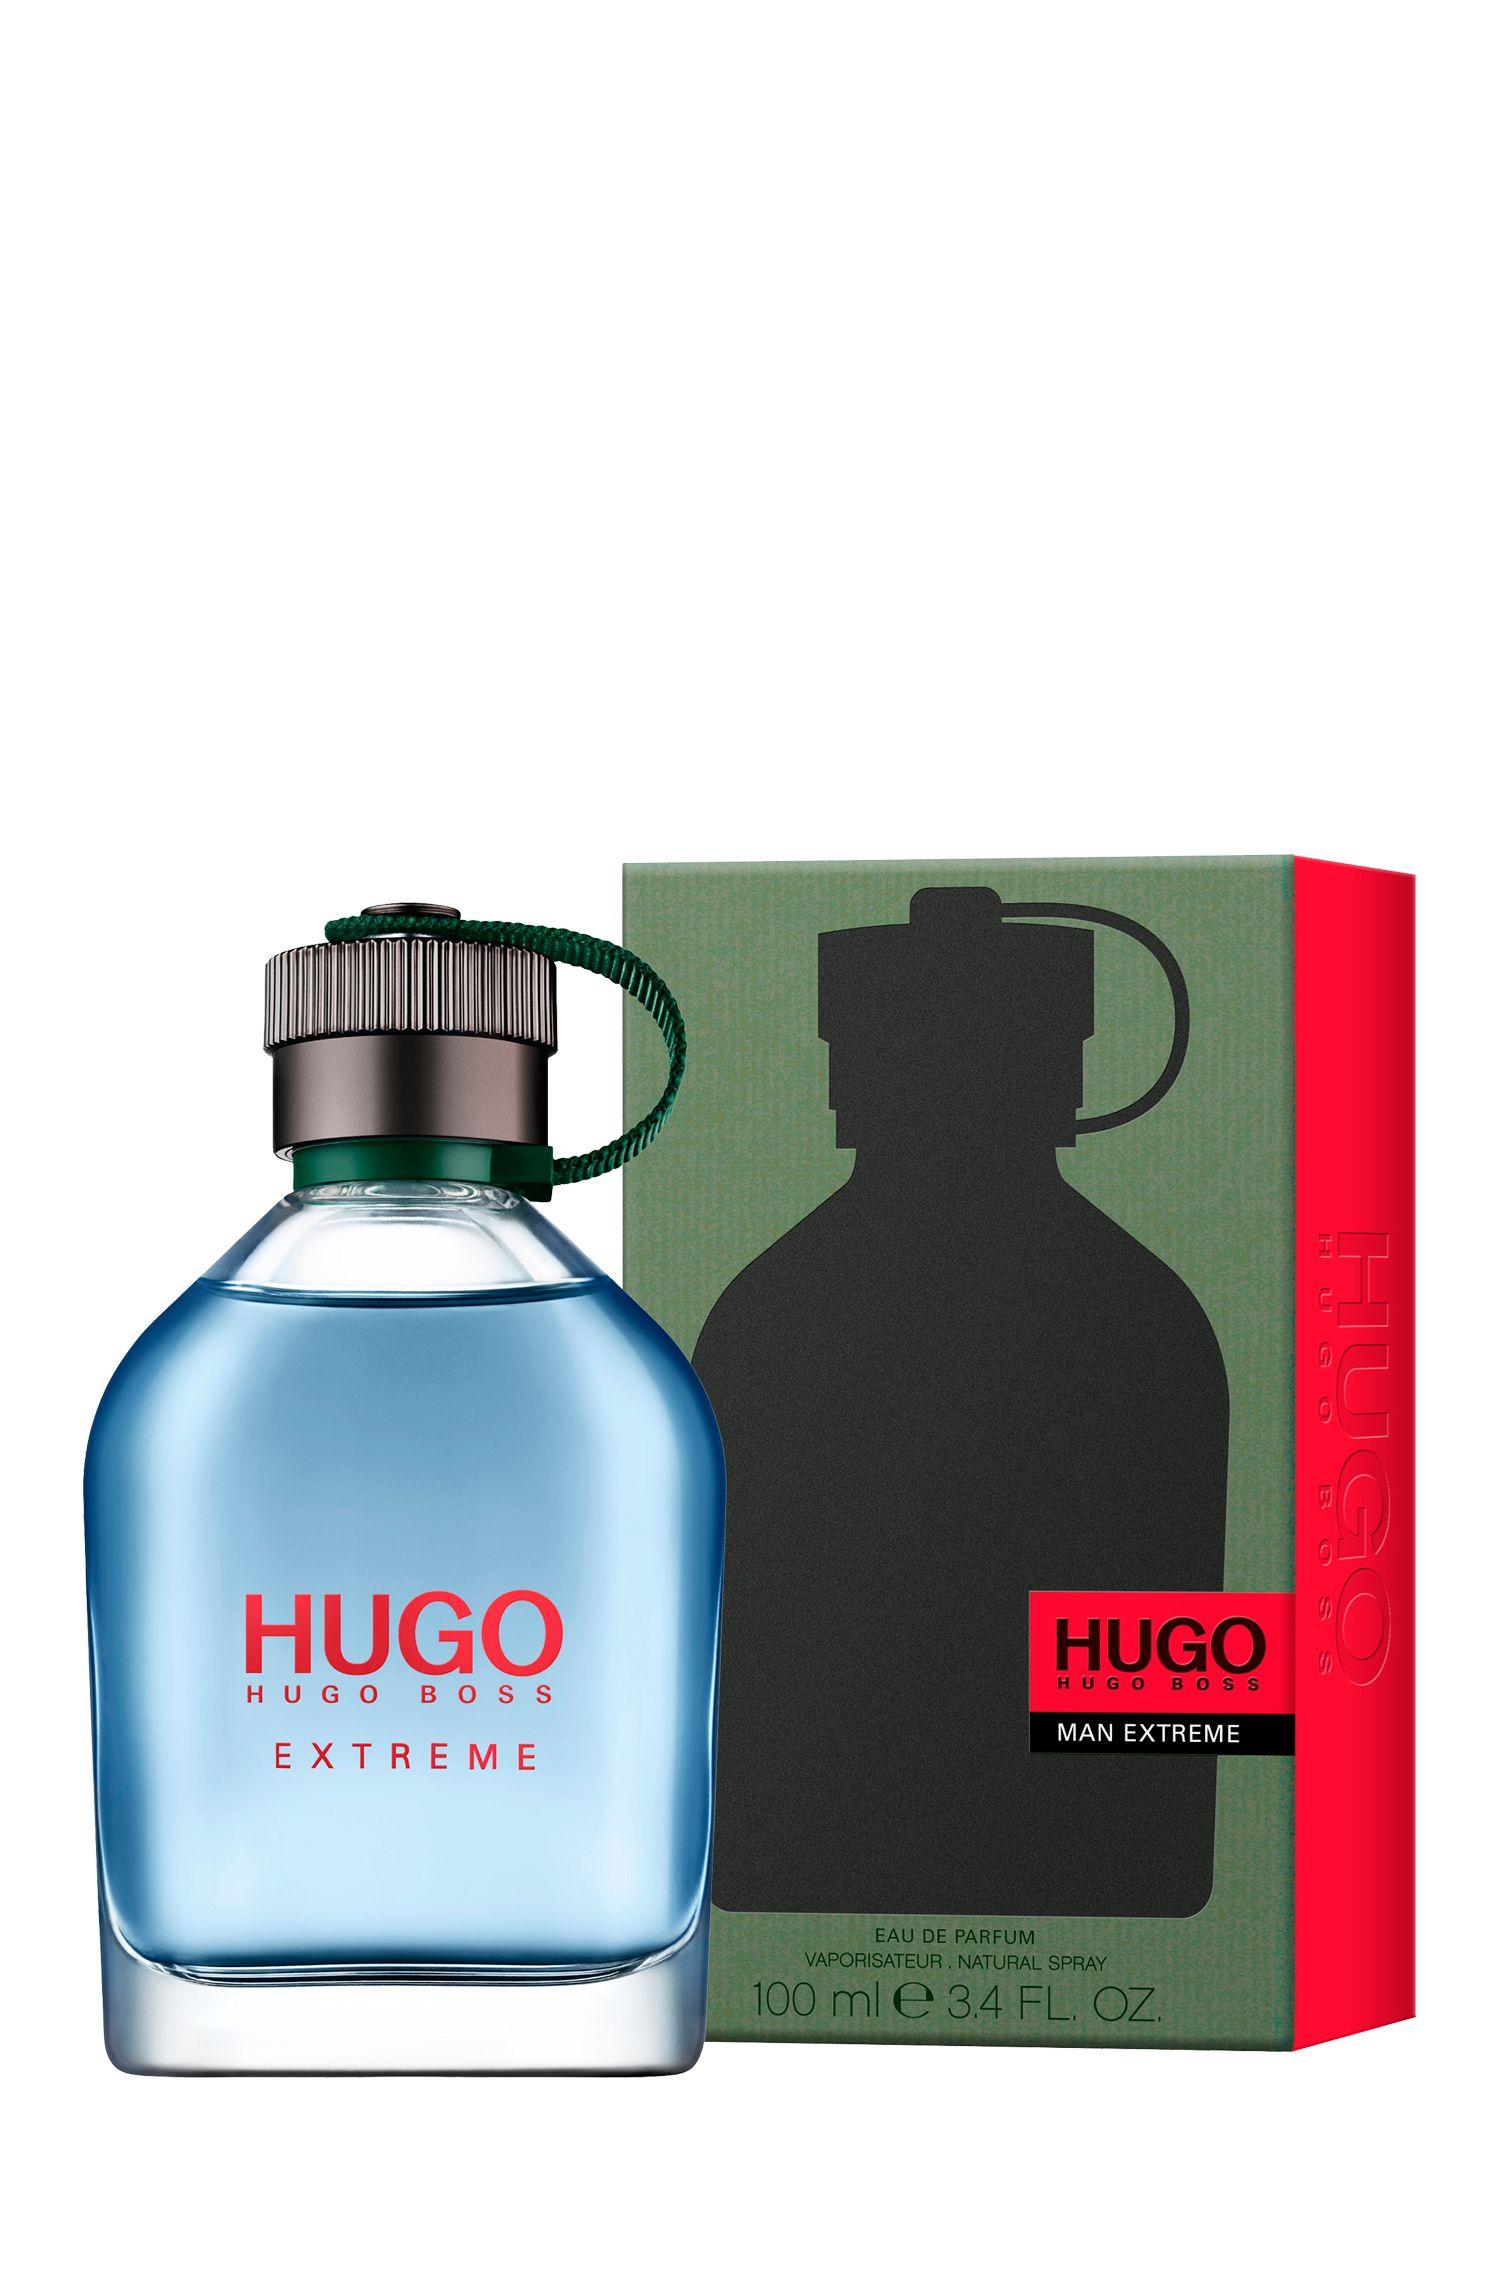 HUGO Man Extreme Eau de Parfum 100ml